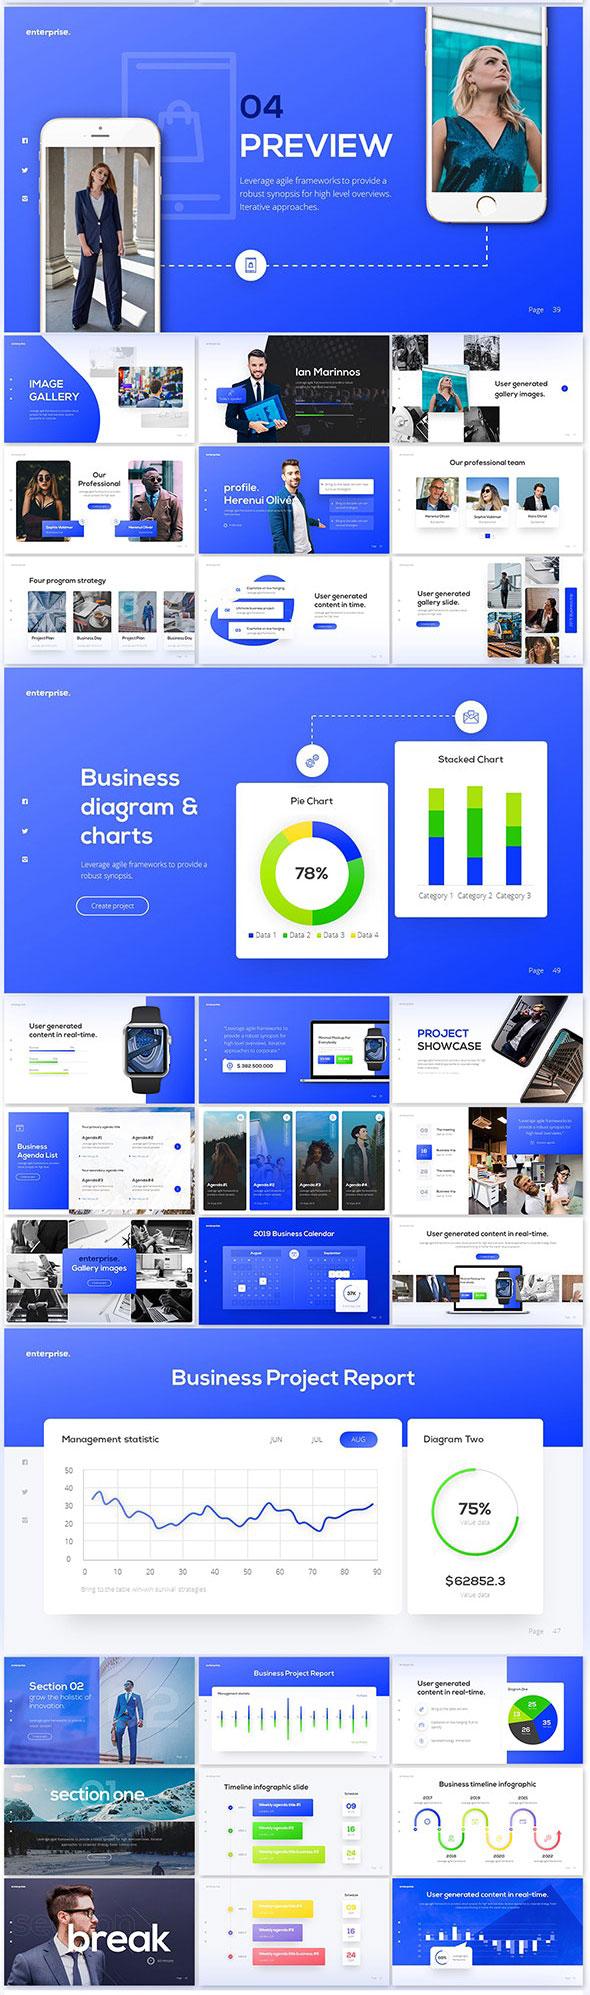 强大简约蓝色企业业务报表计划书PPT演示文稿设计模板 Enterprise Business PowerPoint Presentation Template插图(1)